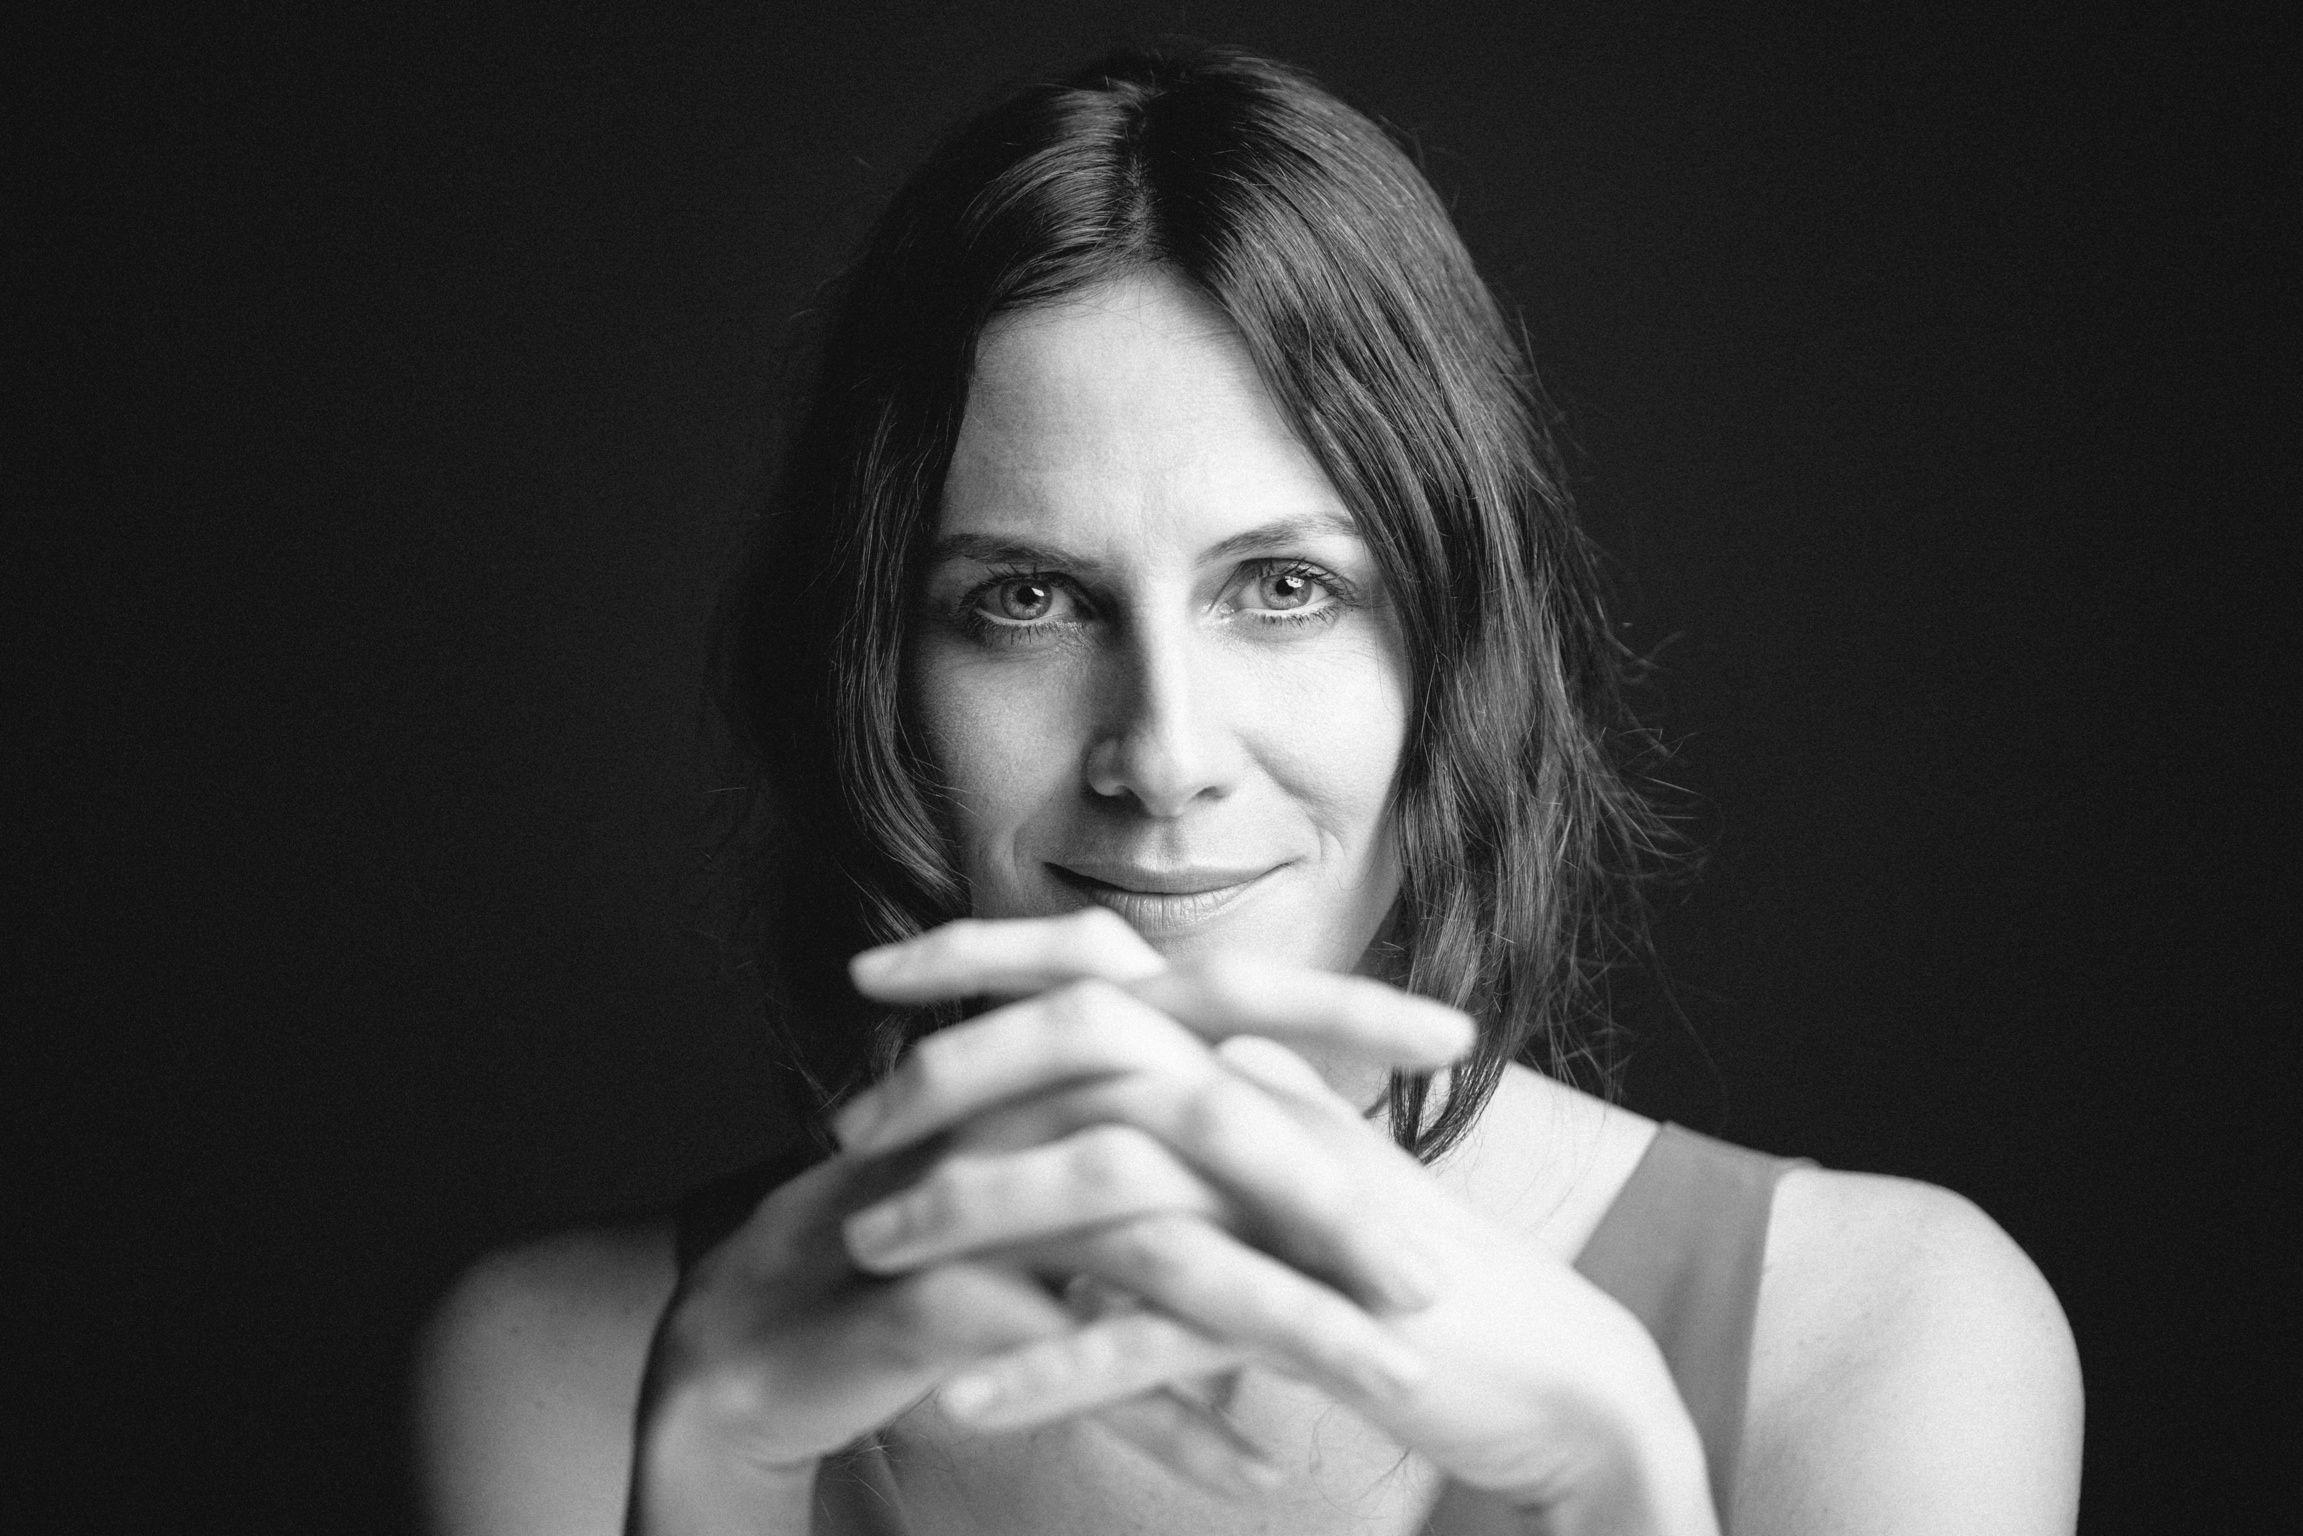 Belen Fabra headshots #elcasanelles belen fabra, spanish actress #actriu